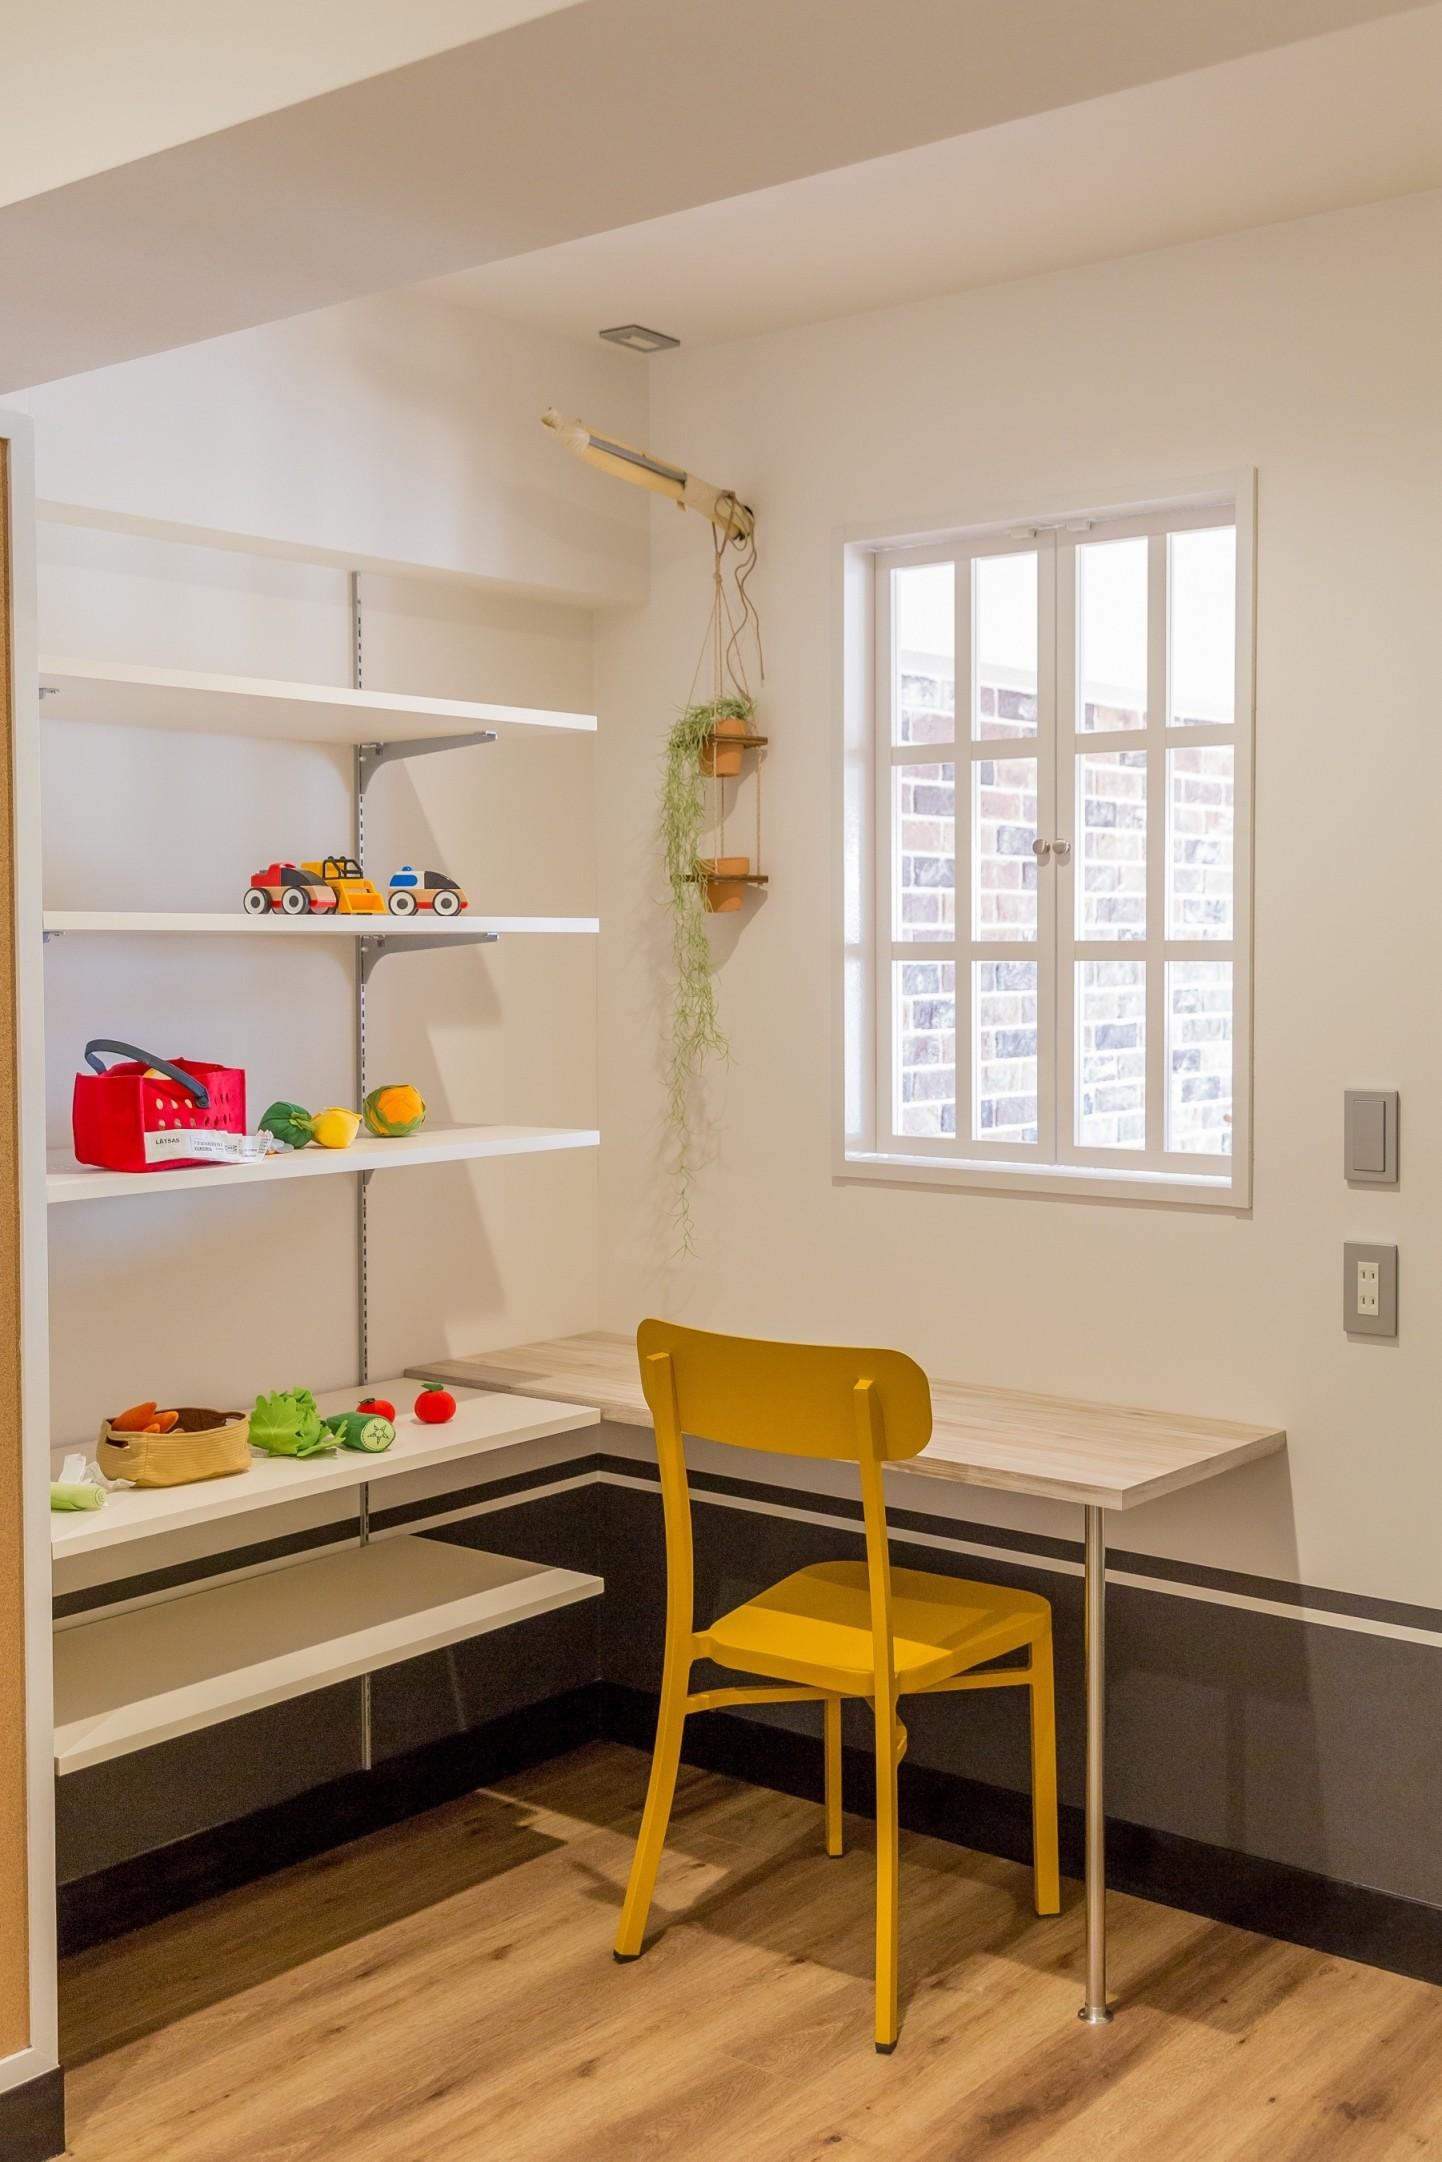 子供部屋事例:洋室(「絶好の眺め」を主役にした、素材感を楽しむ大人ブルックリン)